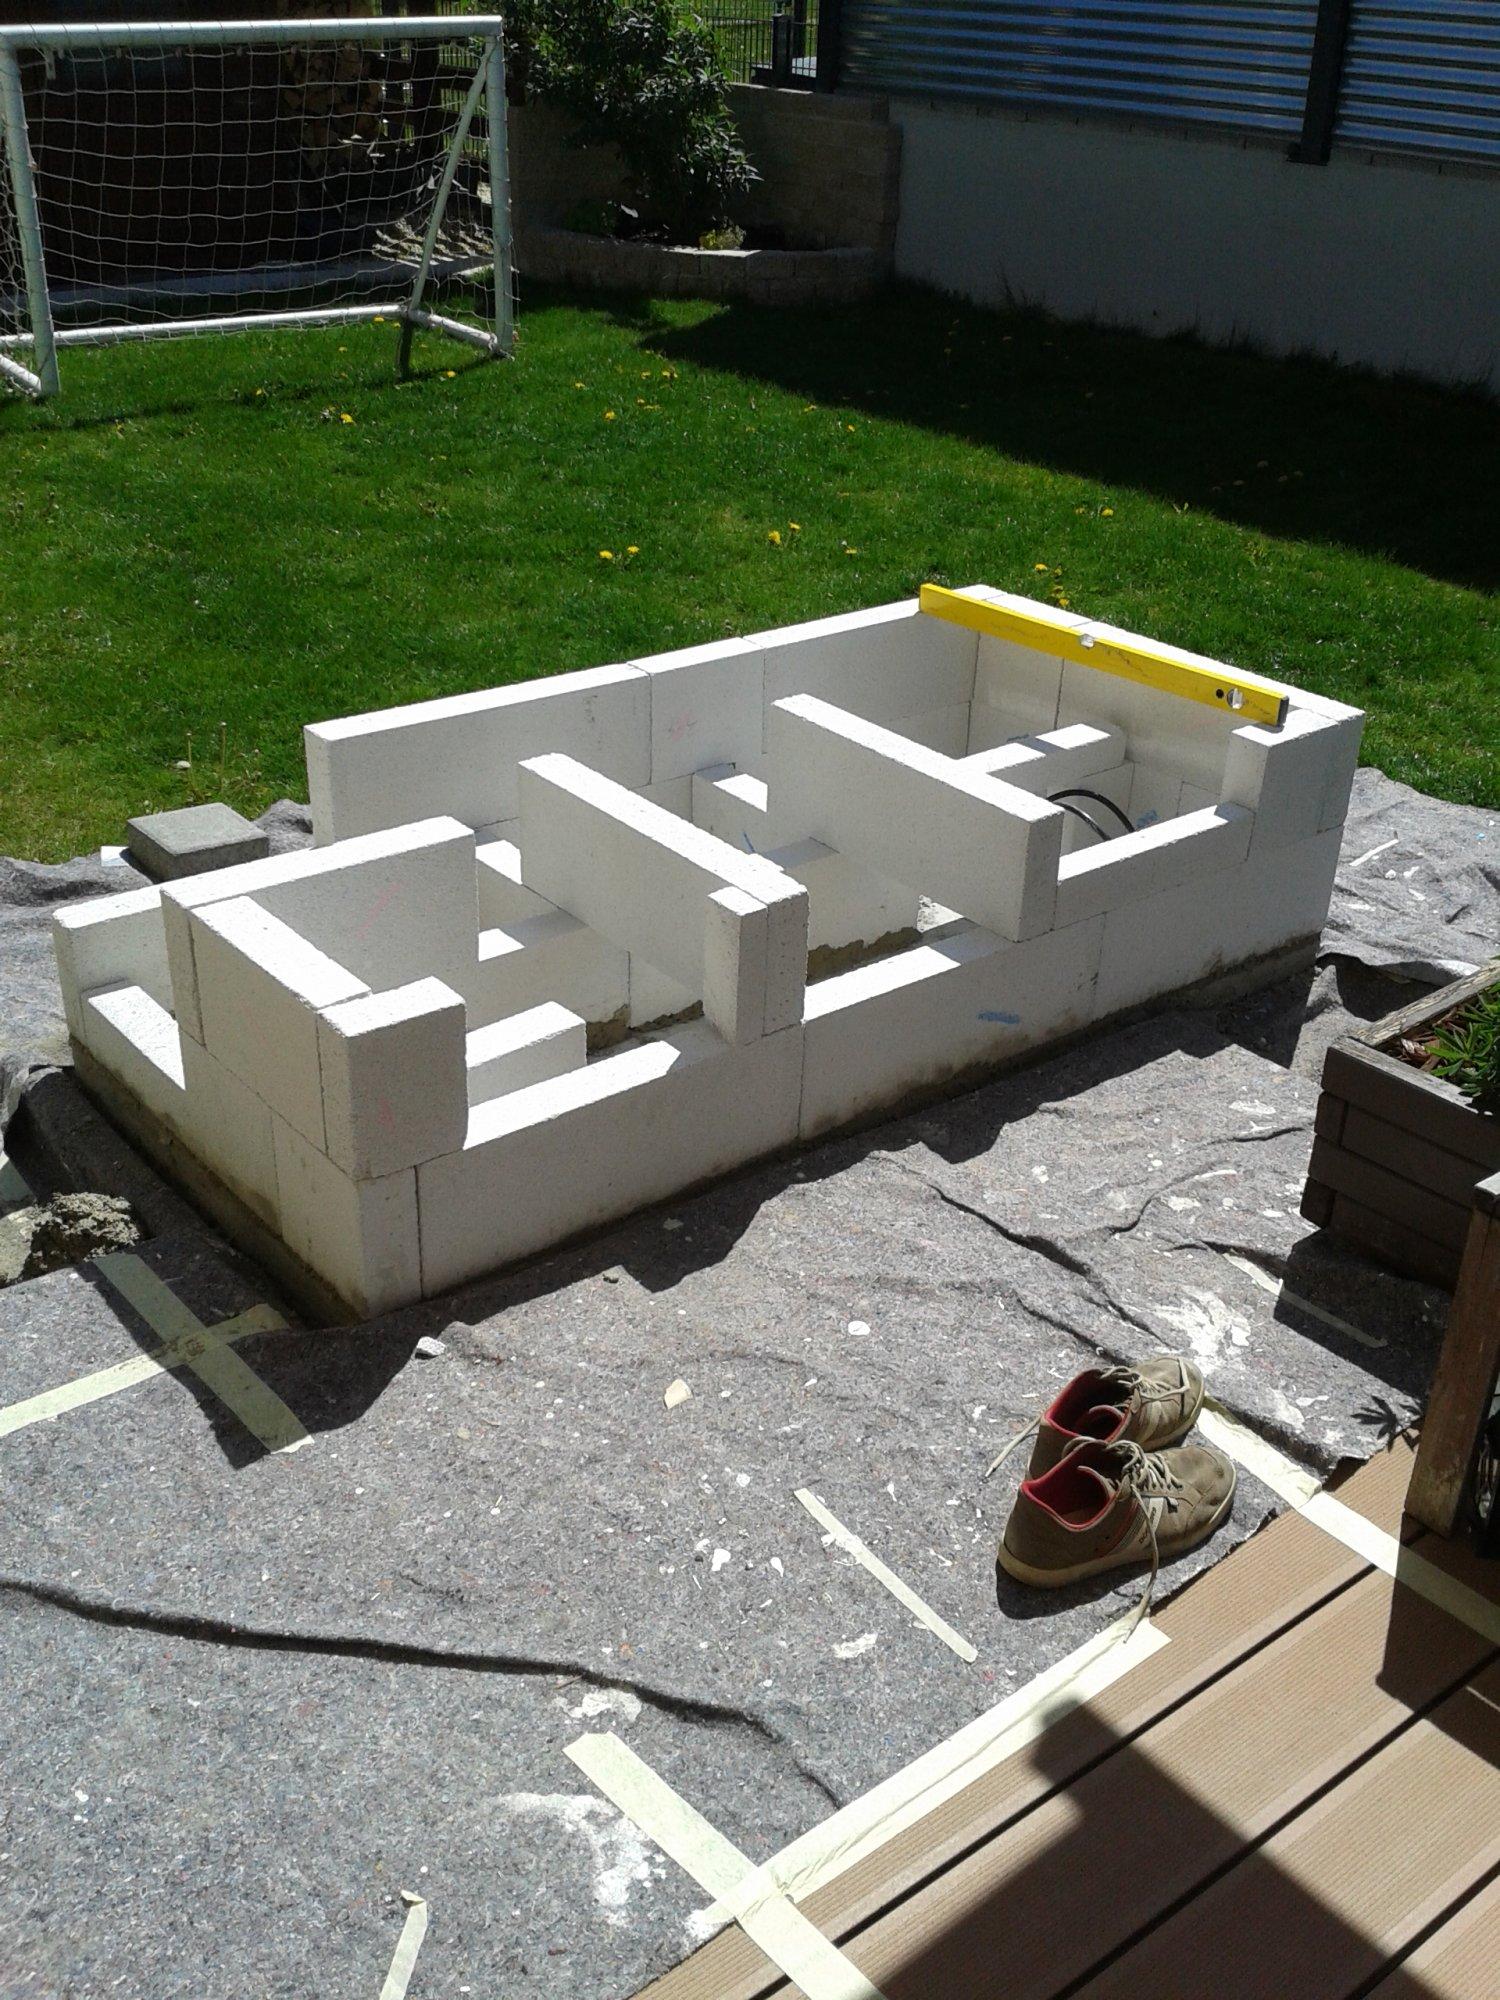 Edelstahl outdoor k che einbauk chen kleine k che tiefe for Ikea besteckeinsatz